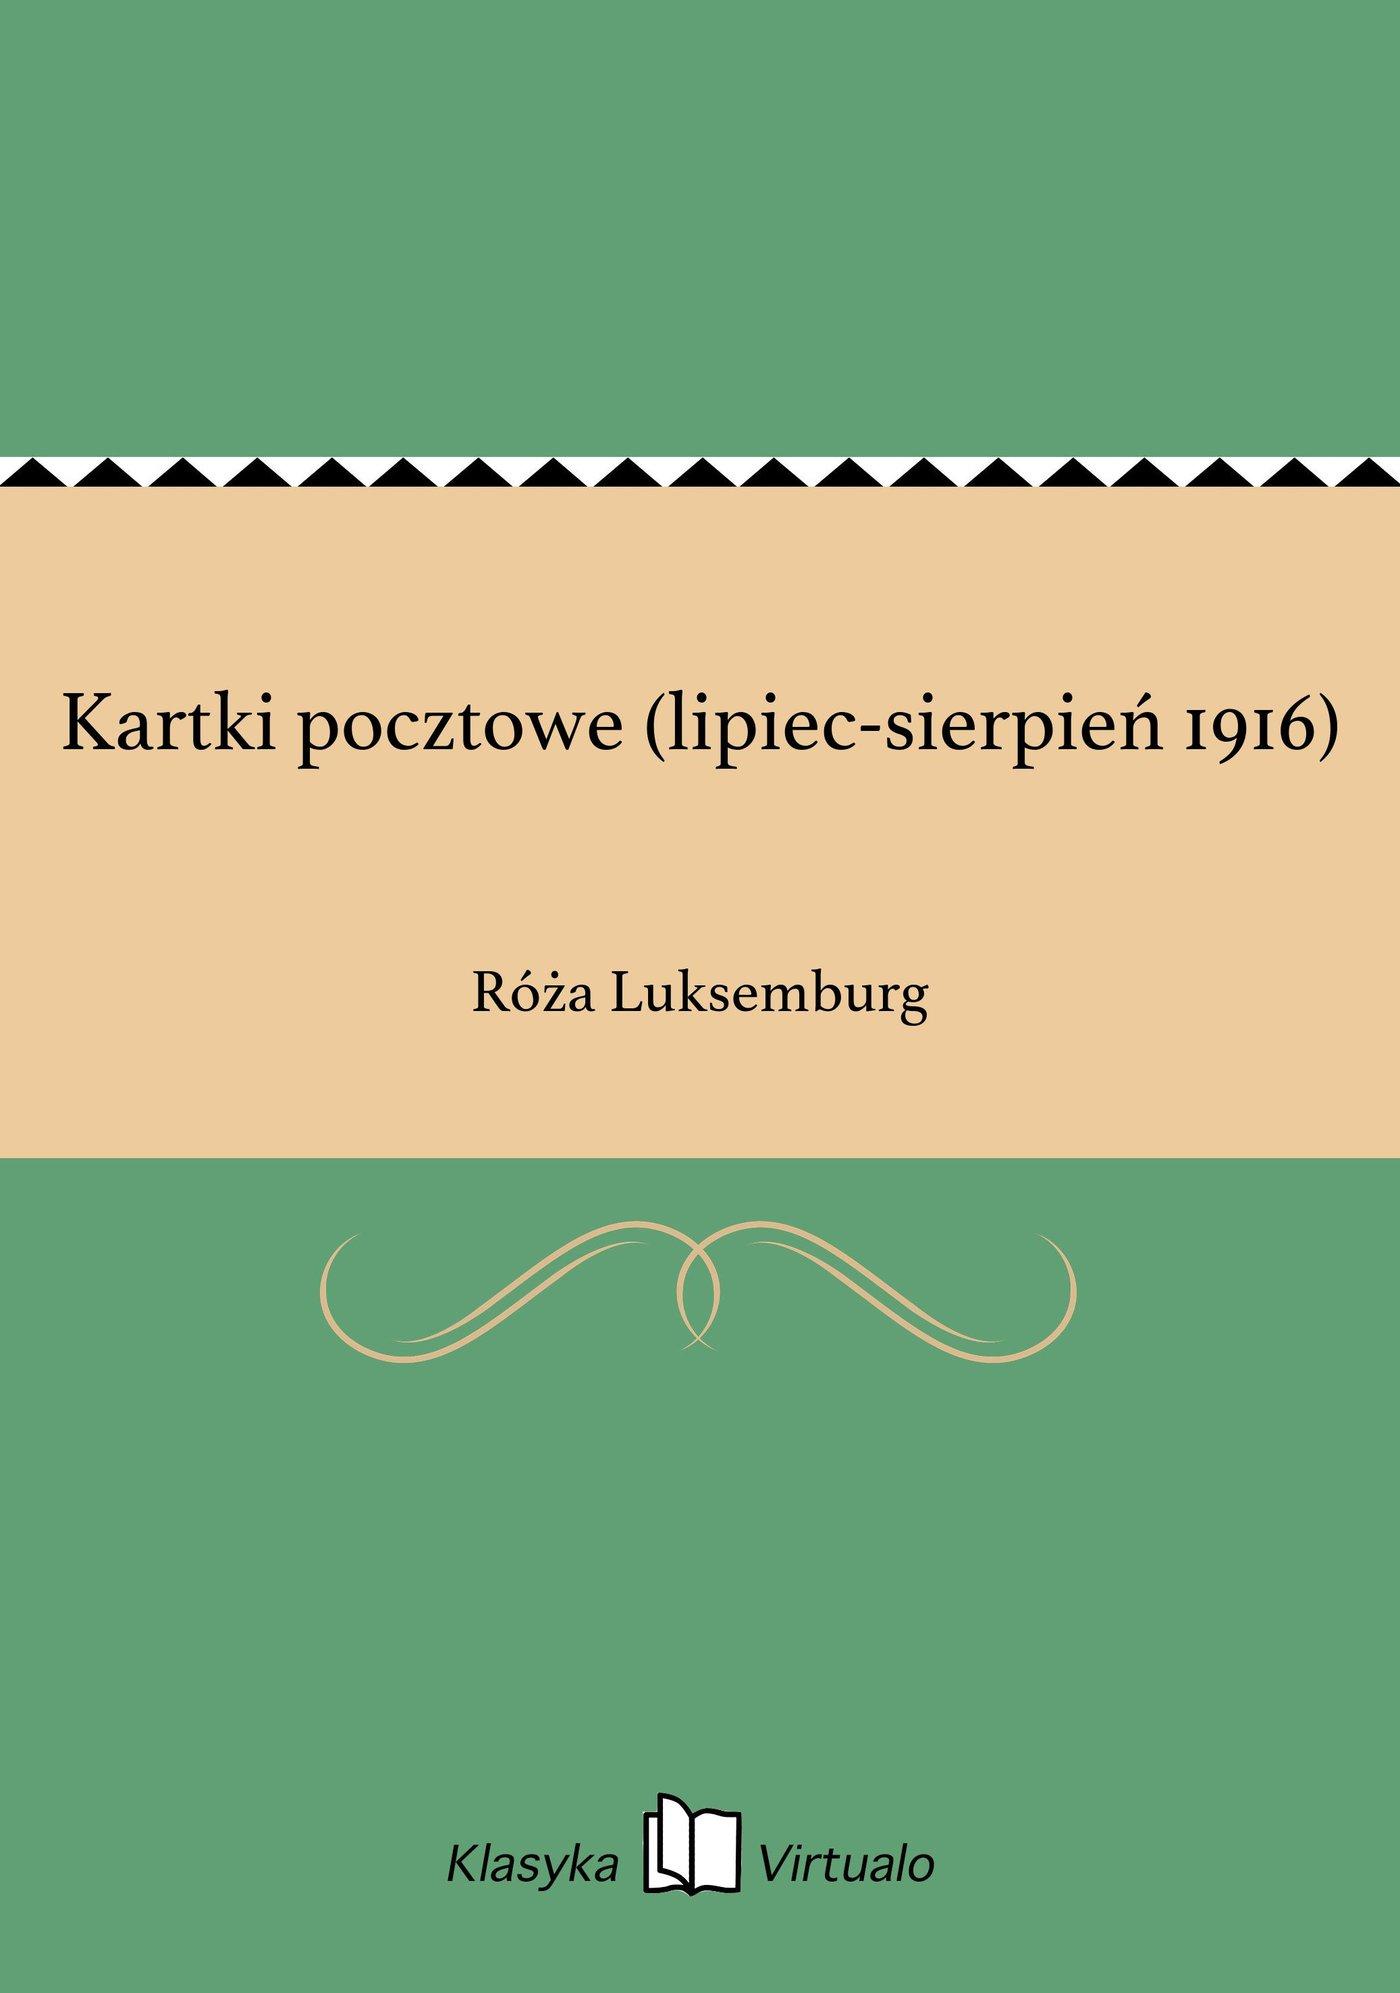 Kartki pocztowe (lipiec-sierpień 1916) - Ebook (Książka na Kindle) do pobrania w formacie MOBI